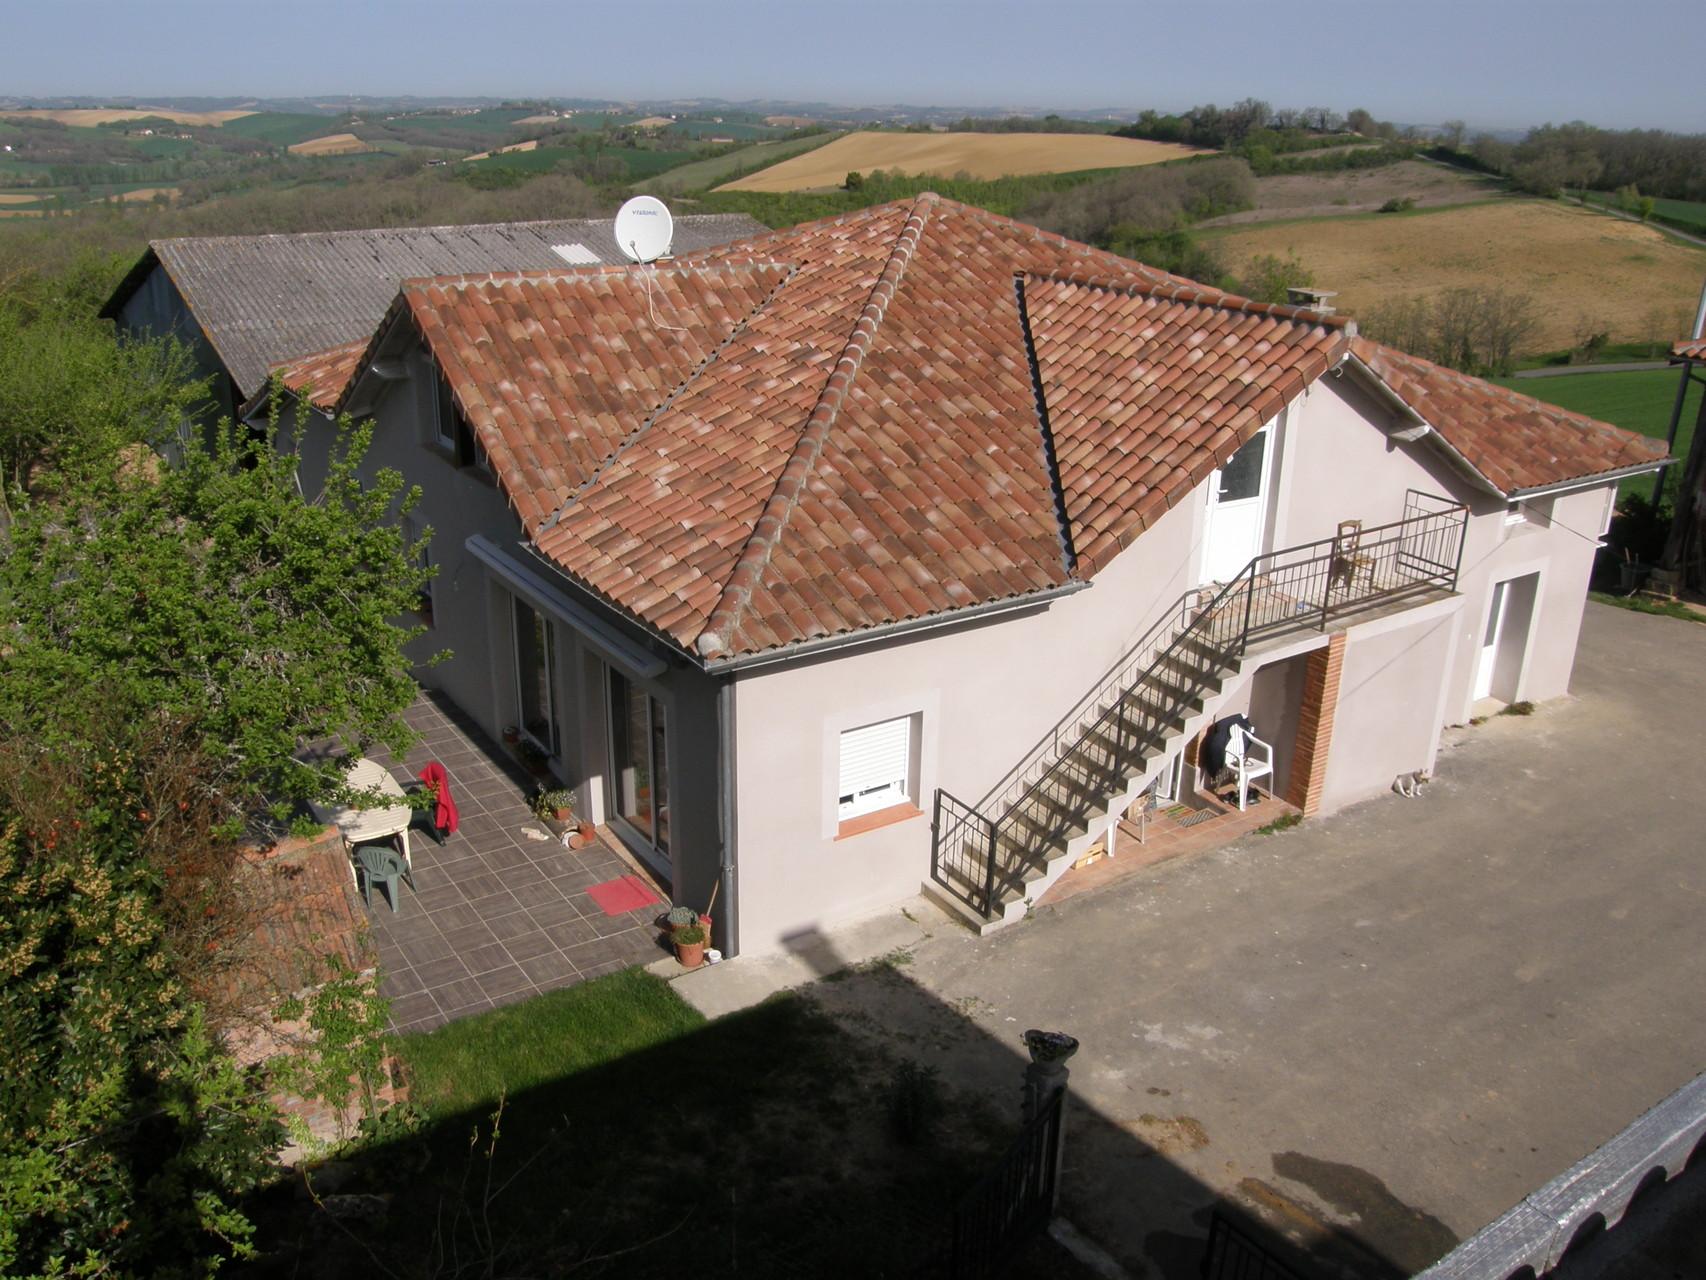 La maison vue d'en haut